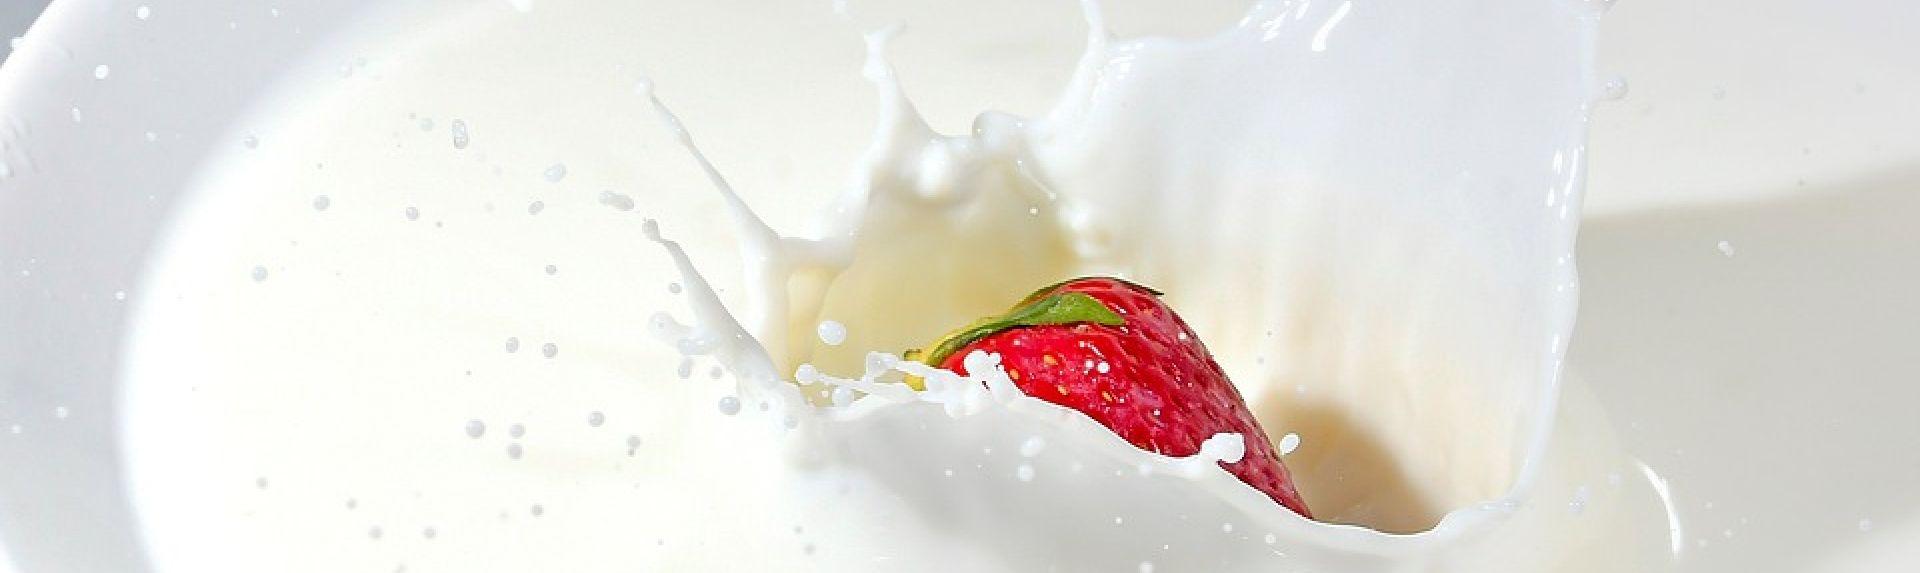 Органическая еда: что это такое и чем такой рацион полезен для женского здоровья